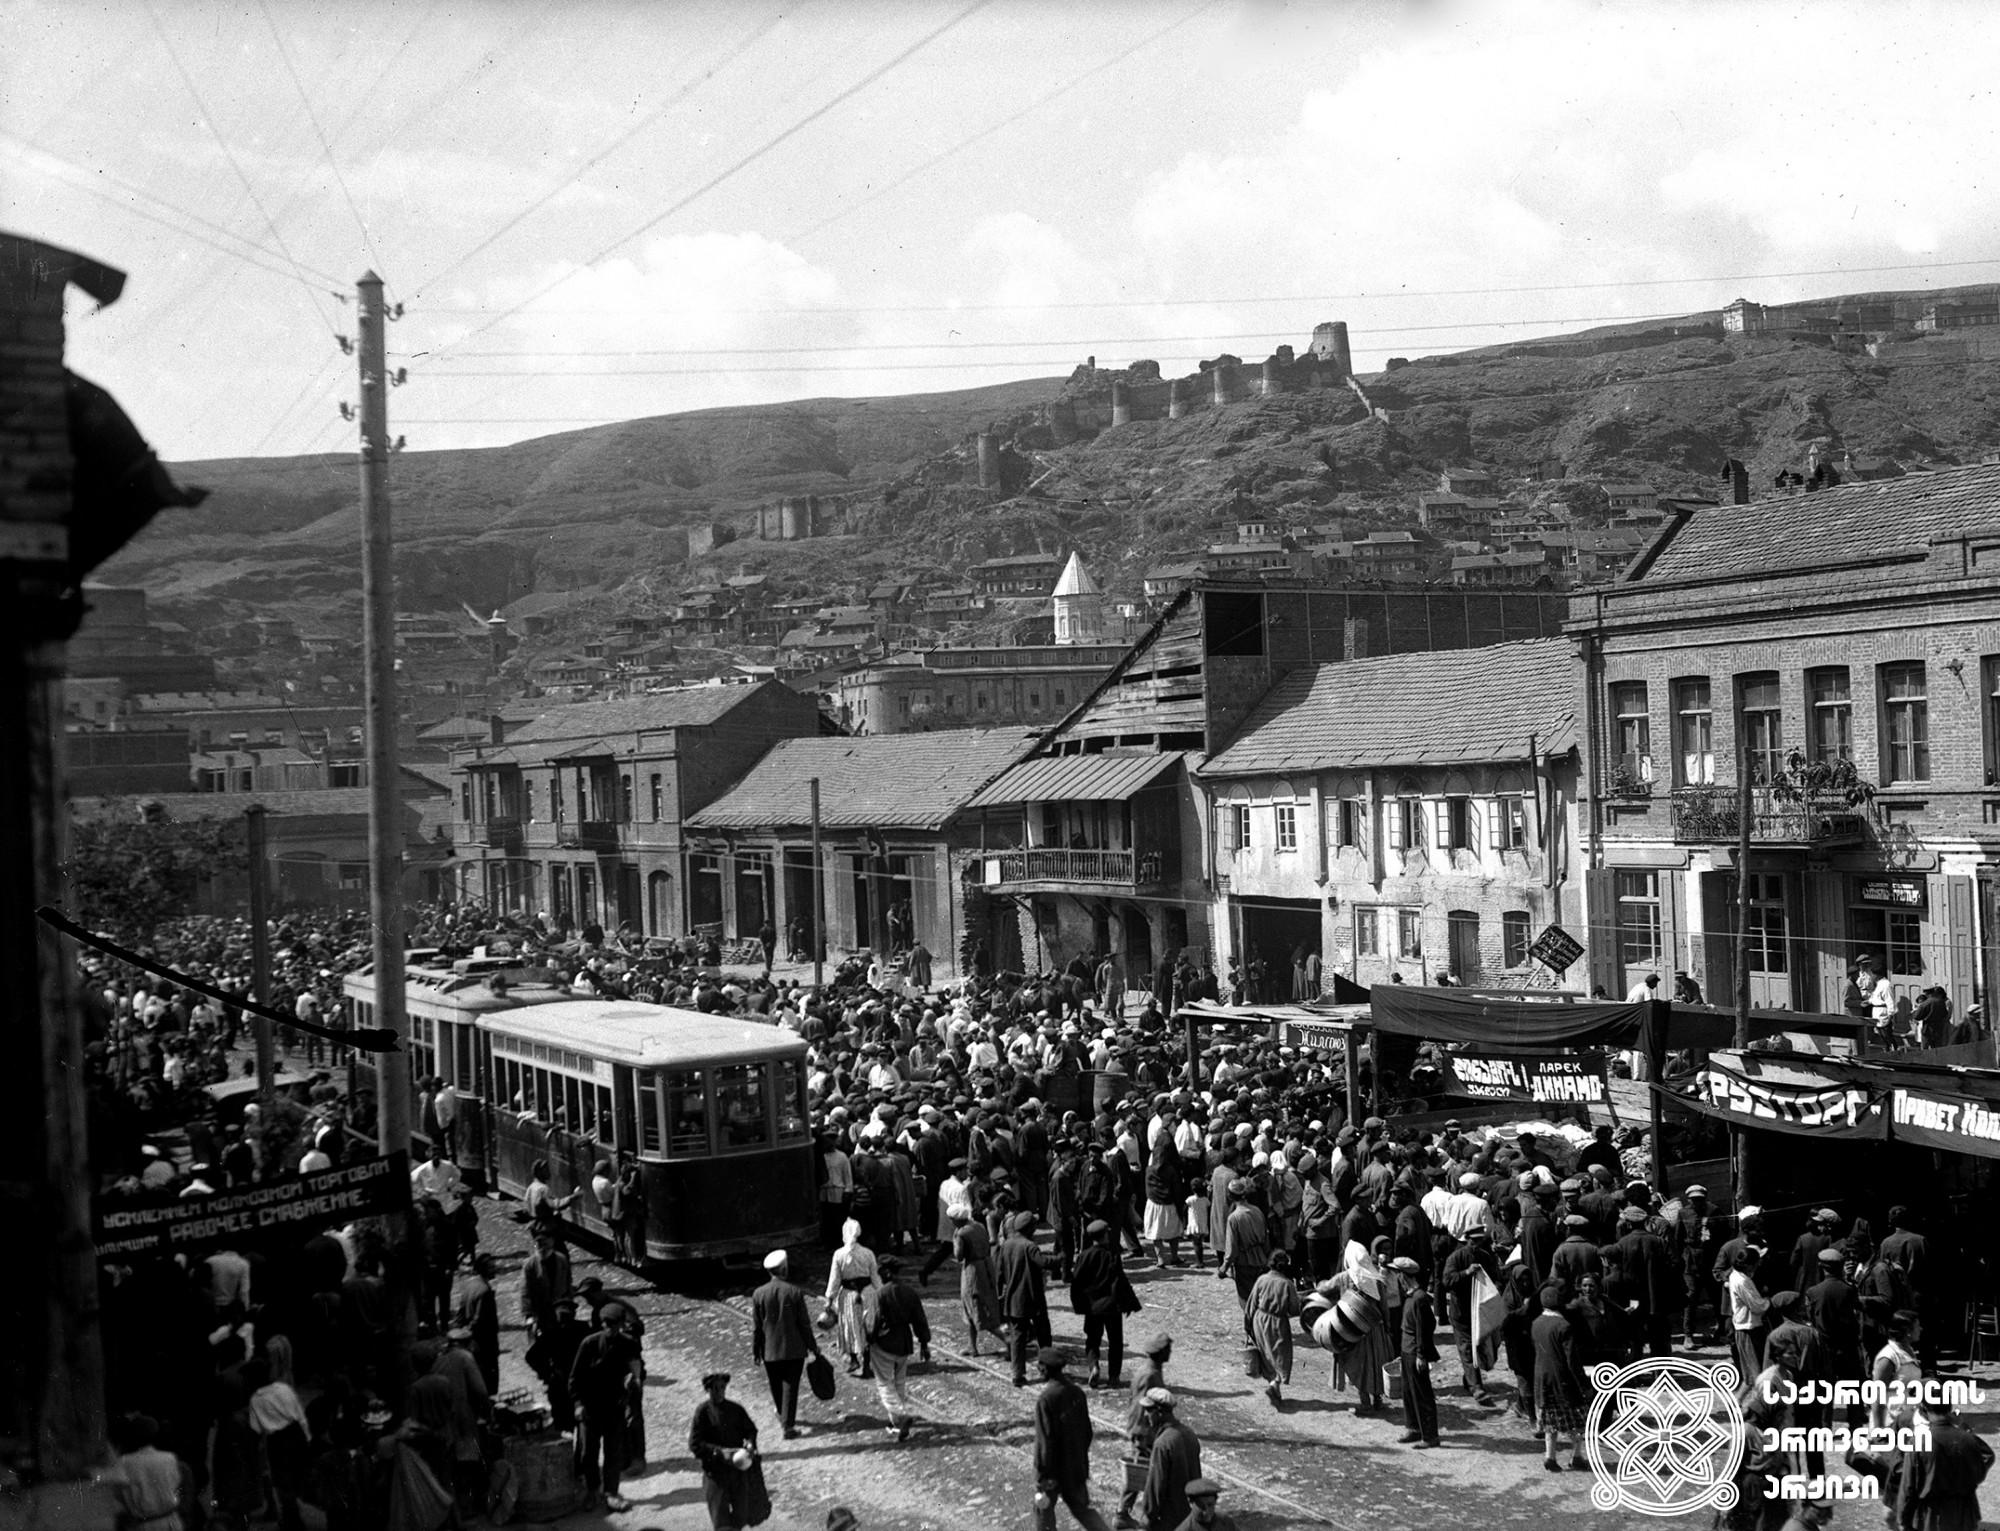 ბაზარი რიყეზე. თბილისი.<br>ფოტო: რუბენ აკოფოვი. <br>1928. <br> Fair on Rike Tbilisi. <br> Photo by Ruben Akopov. <br>1928